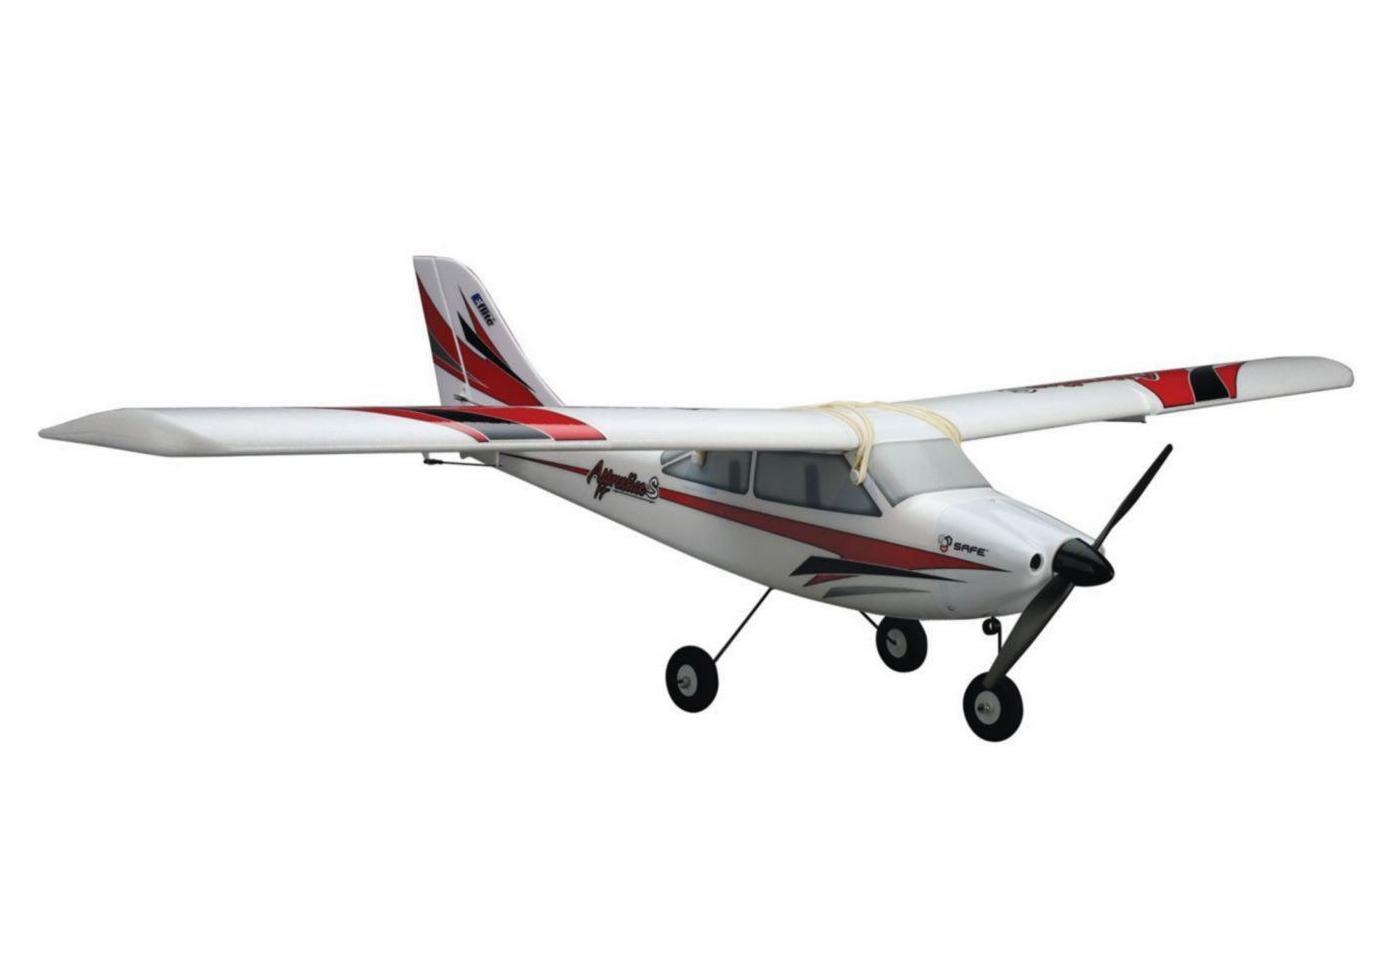 E-flite Радиоуправляемый Самолет Apprentice S 15e 1500мм BNF, SAFE